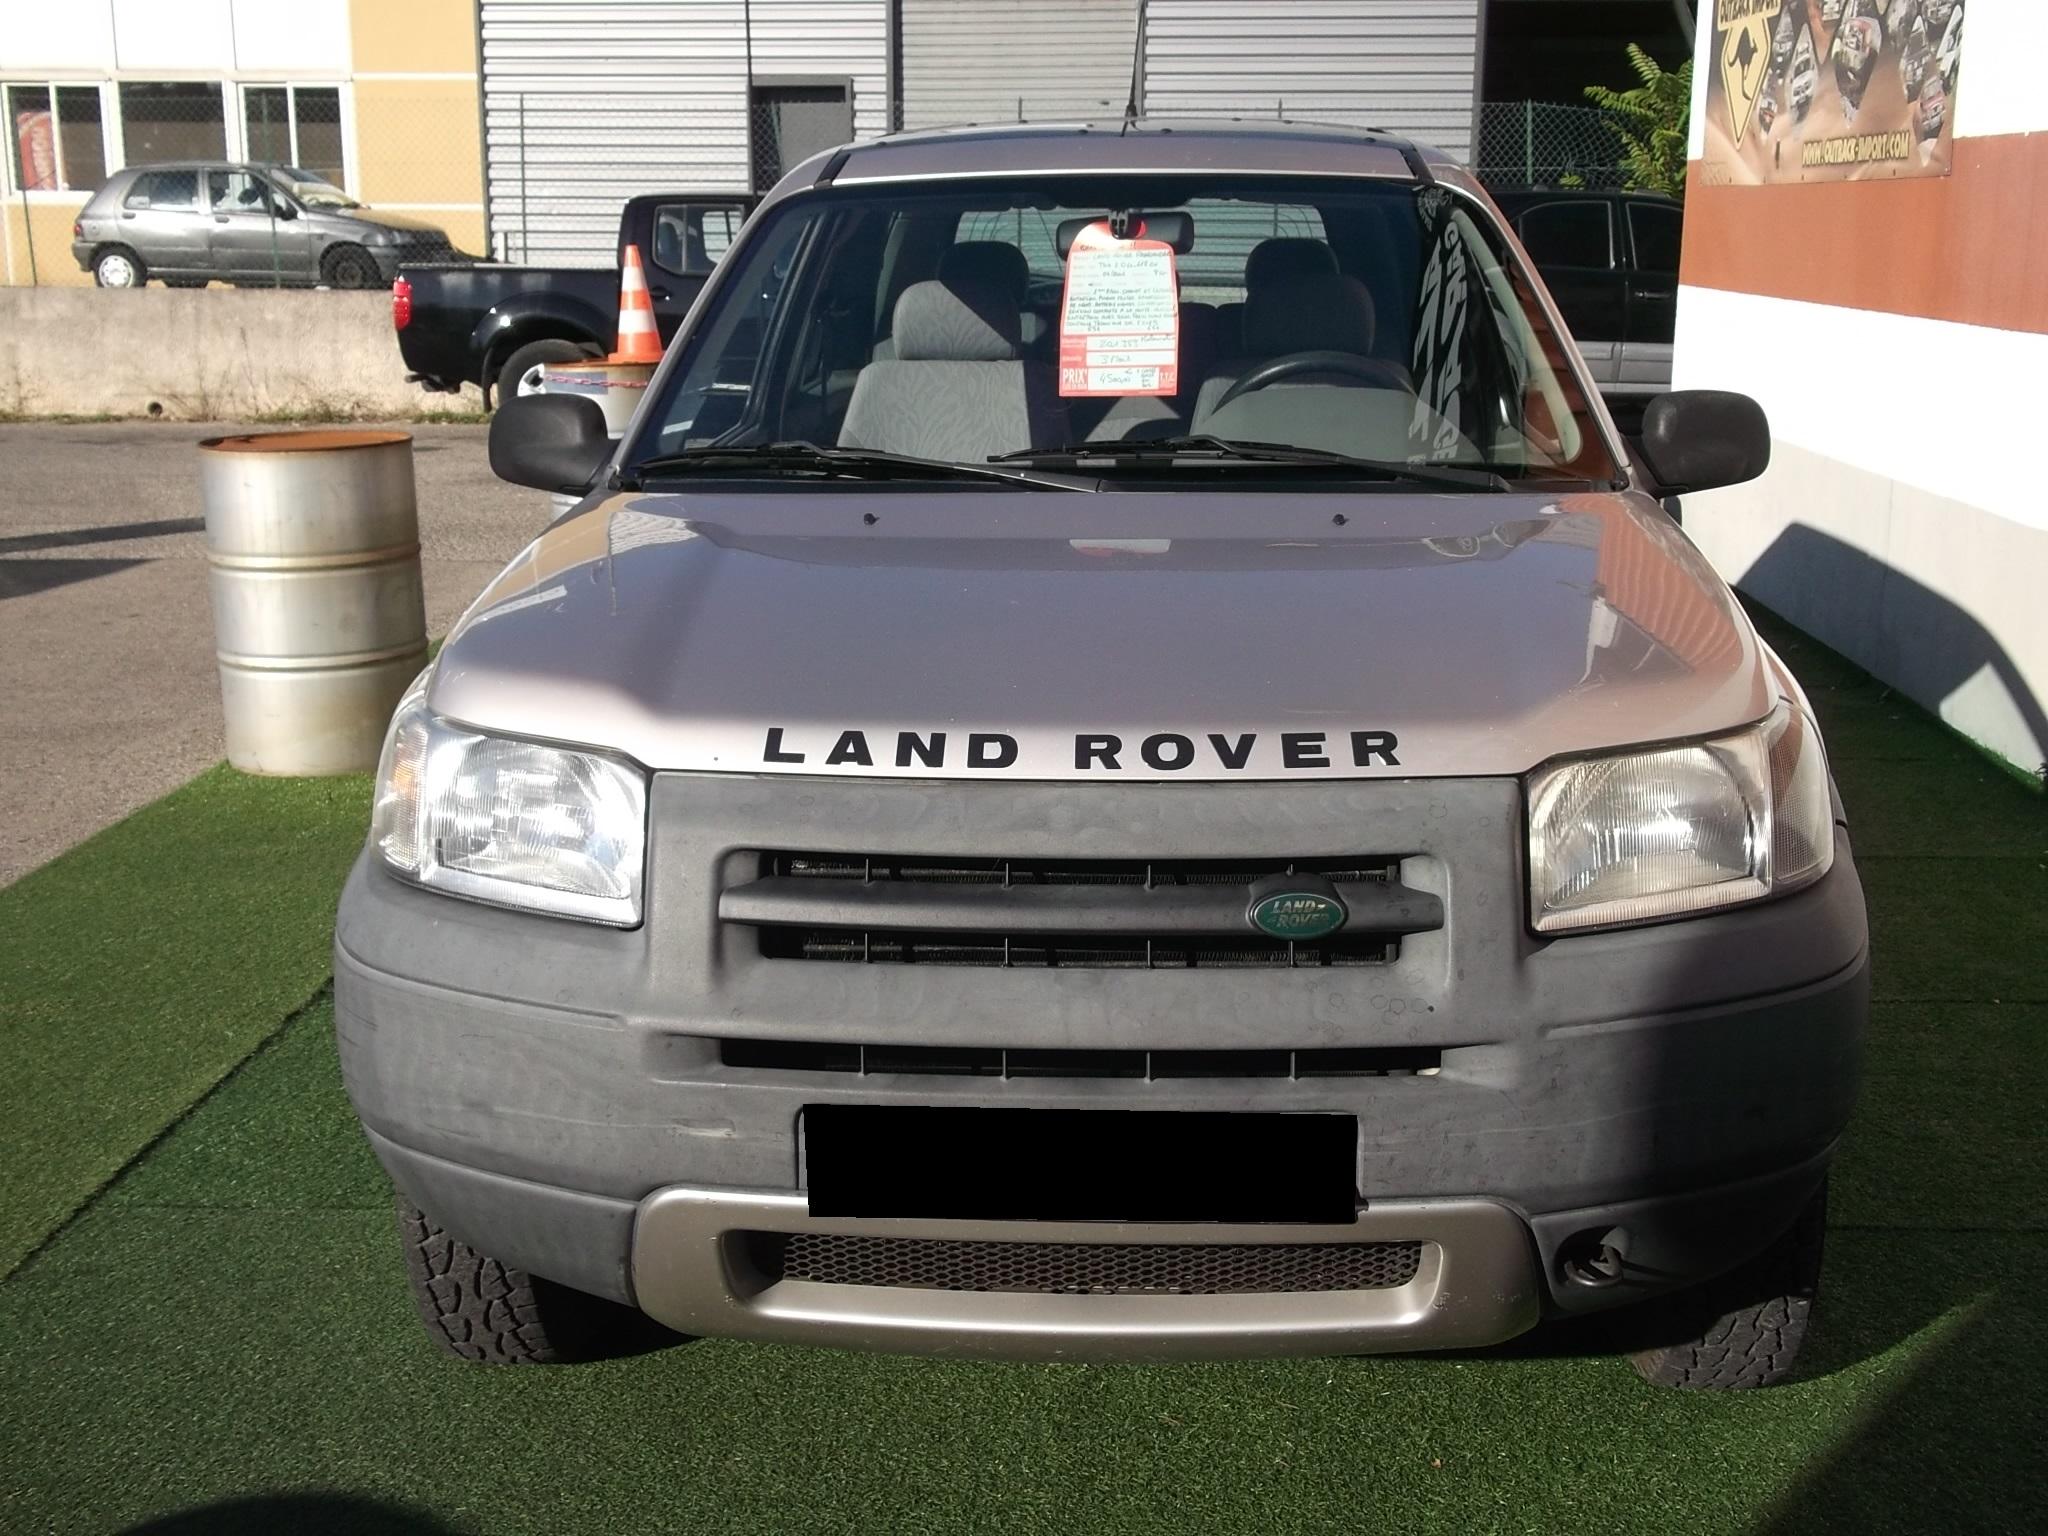 4x4 land rover freelander td4 2 0 litres hard top land rover vo654 garage all road village. Black Bedroom Furniture Sets. Home Design Ideas